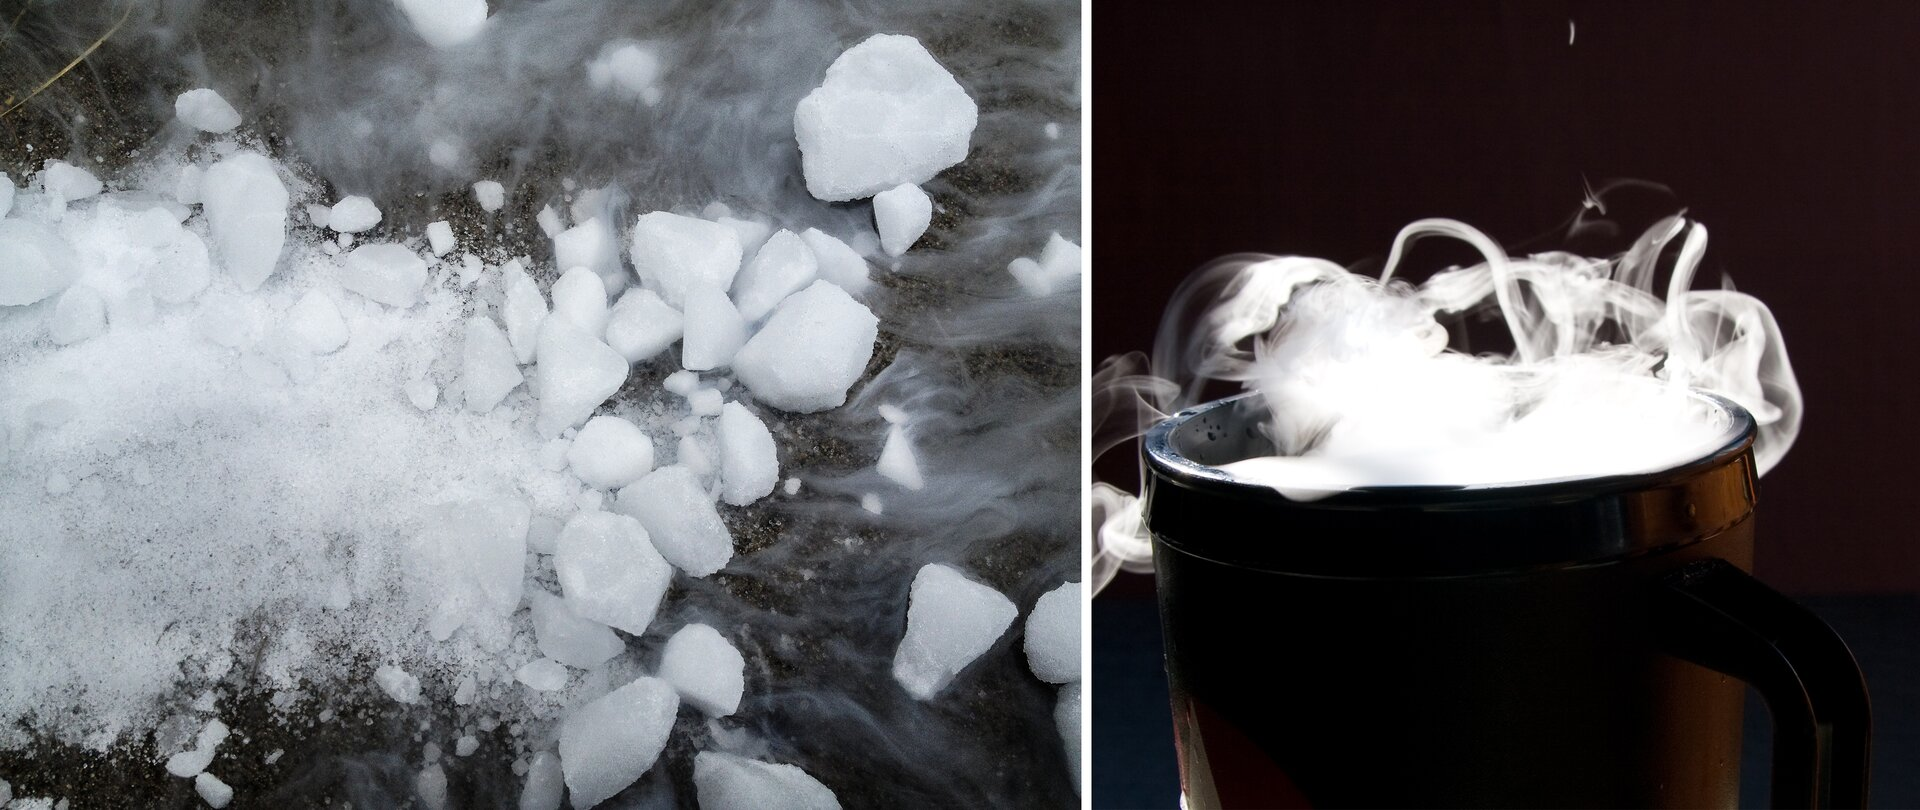 Ilustracja składa się zdwóch sąsiadujących ze sobą zdjęć. Na zdjęciu po lewej stronie widać pokruszone grubiej idrobniej kawałki białej substancji zktórej unoszą się białe opary. Na zdjęciu po prawej stronie znajduje się ukazane wpółmroku metalowe naczynie zktórego unoszą się gęste, białe opary.